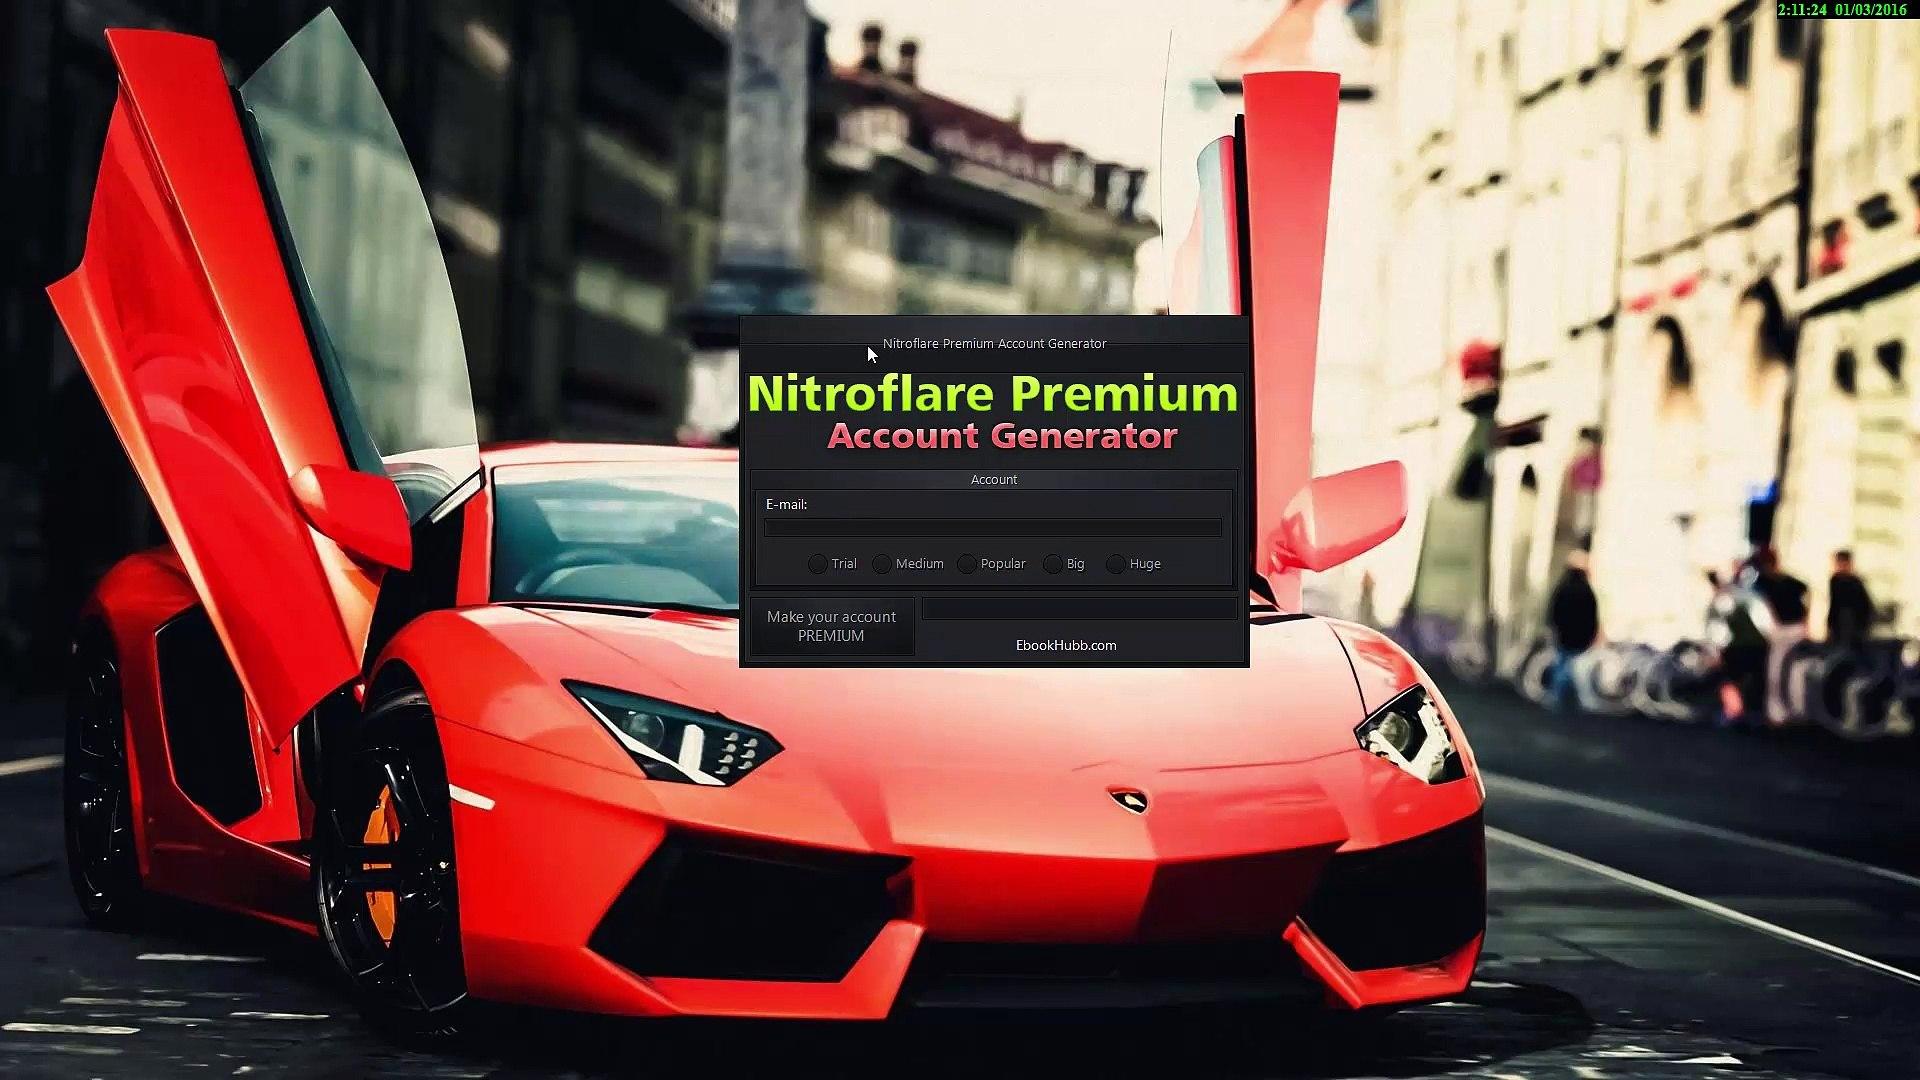 Nitroflare premium account generator